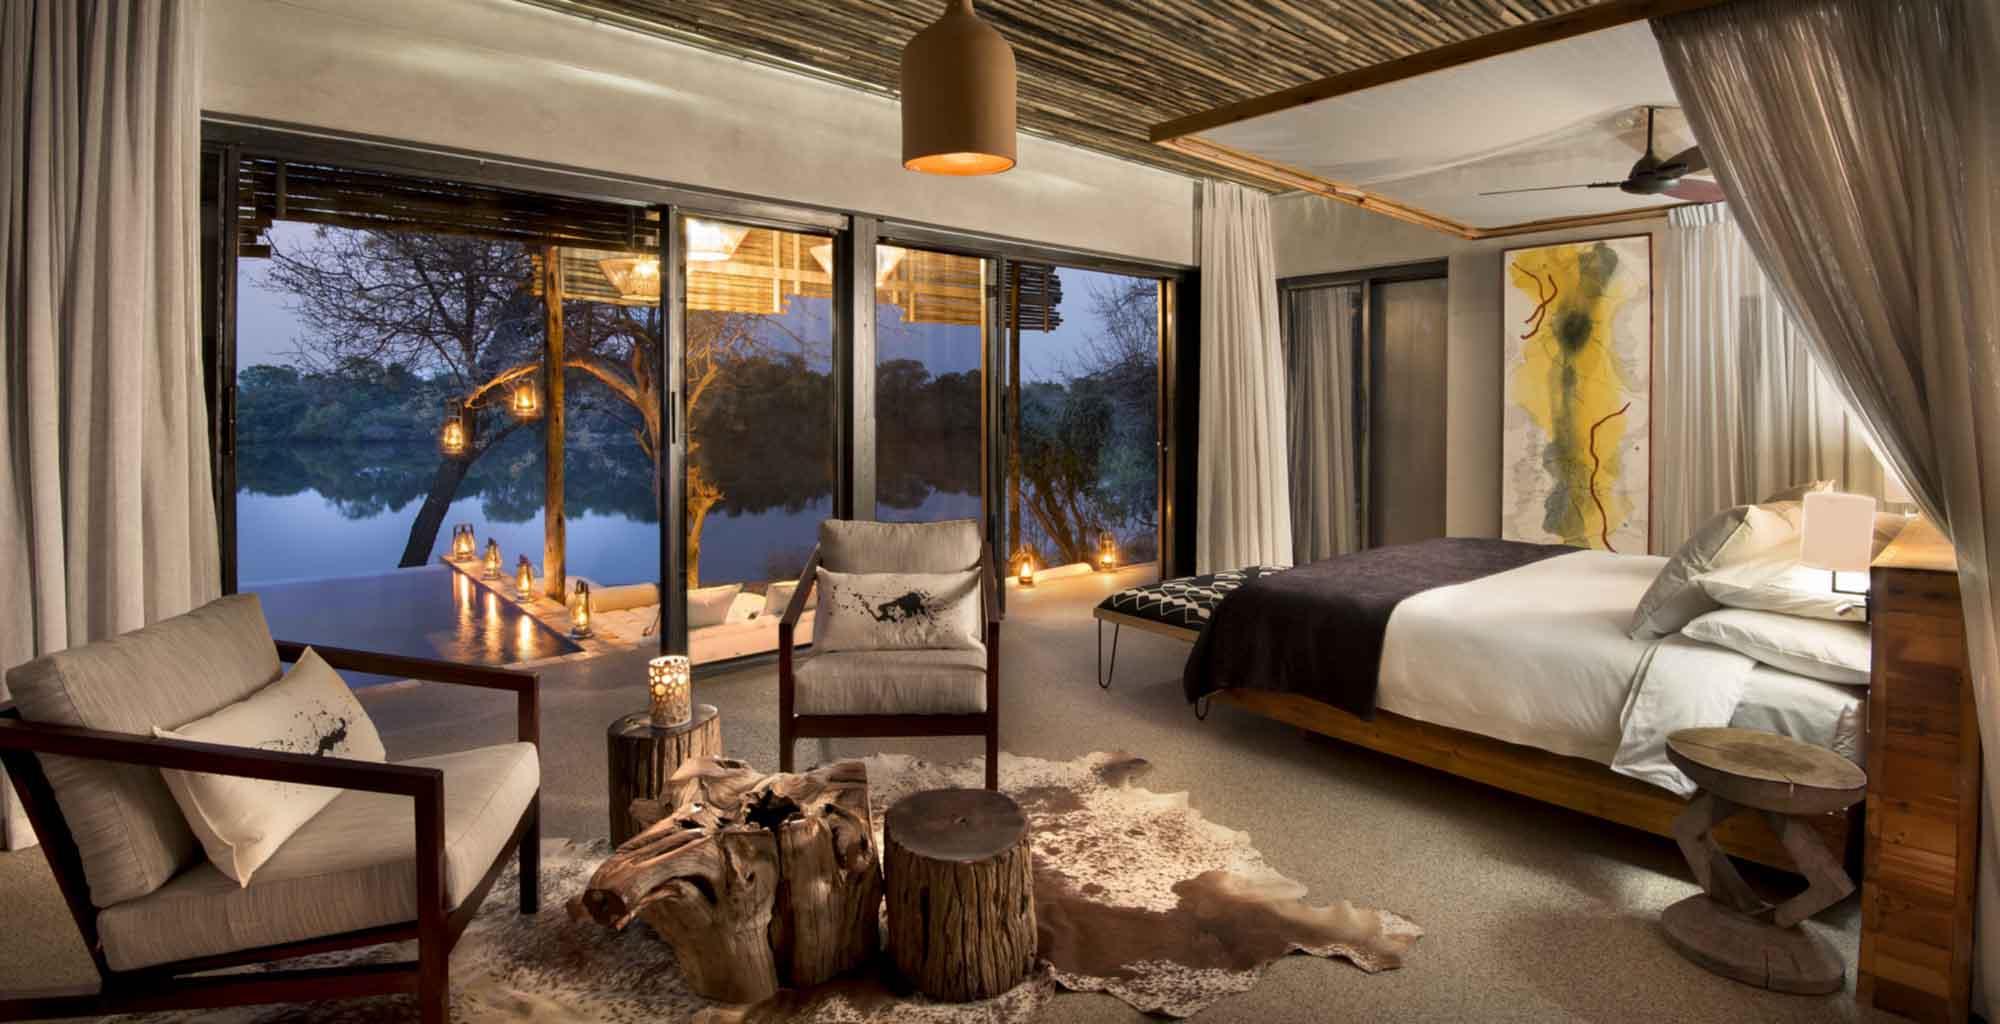 Zimbabwe-andBeyond-Matetsi-River-Lodge-Bedroom